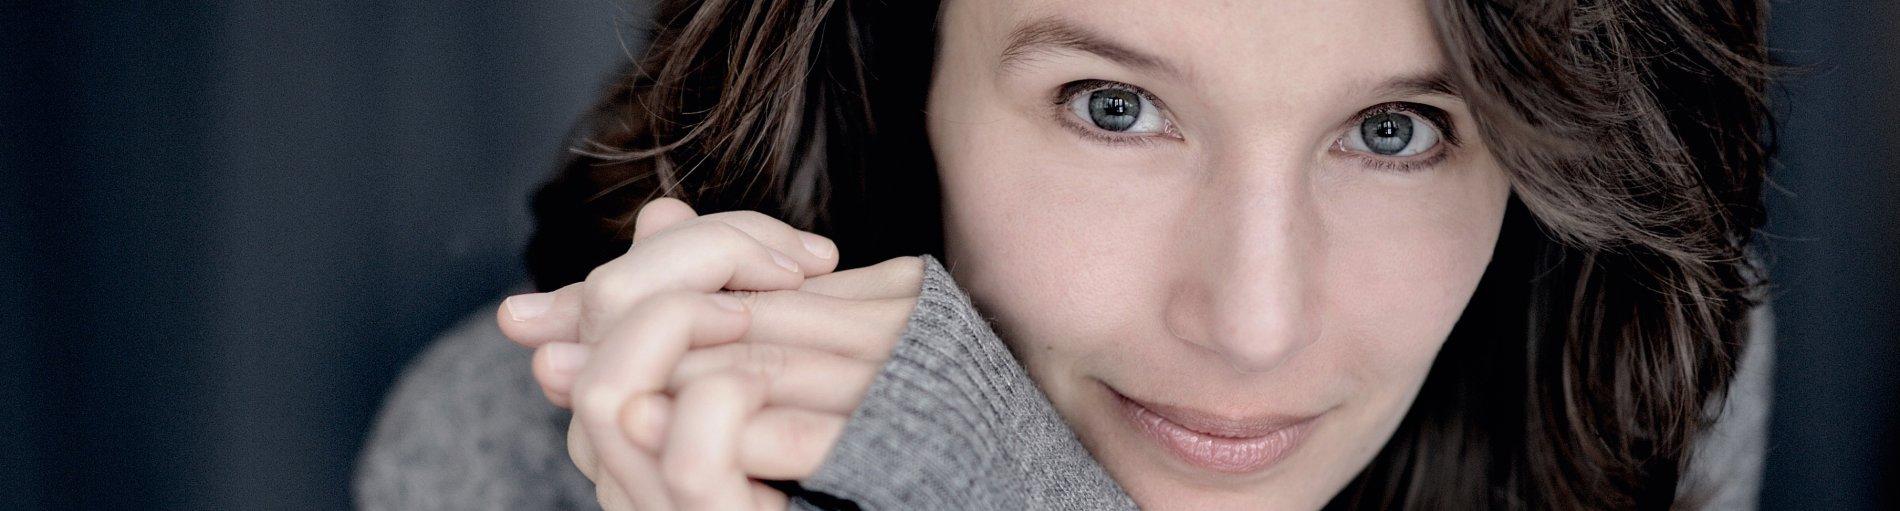 Ein Portrait der französischen Pianistin.